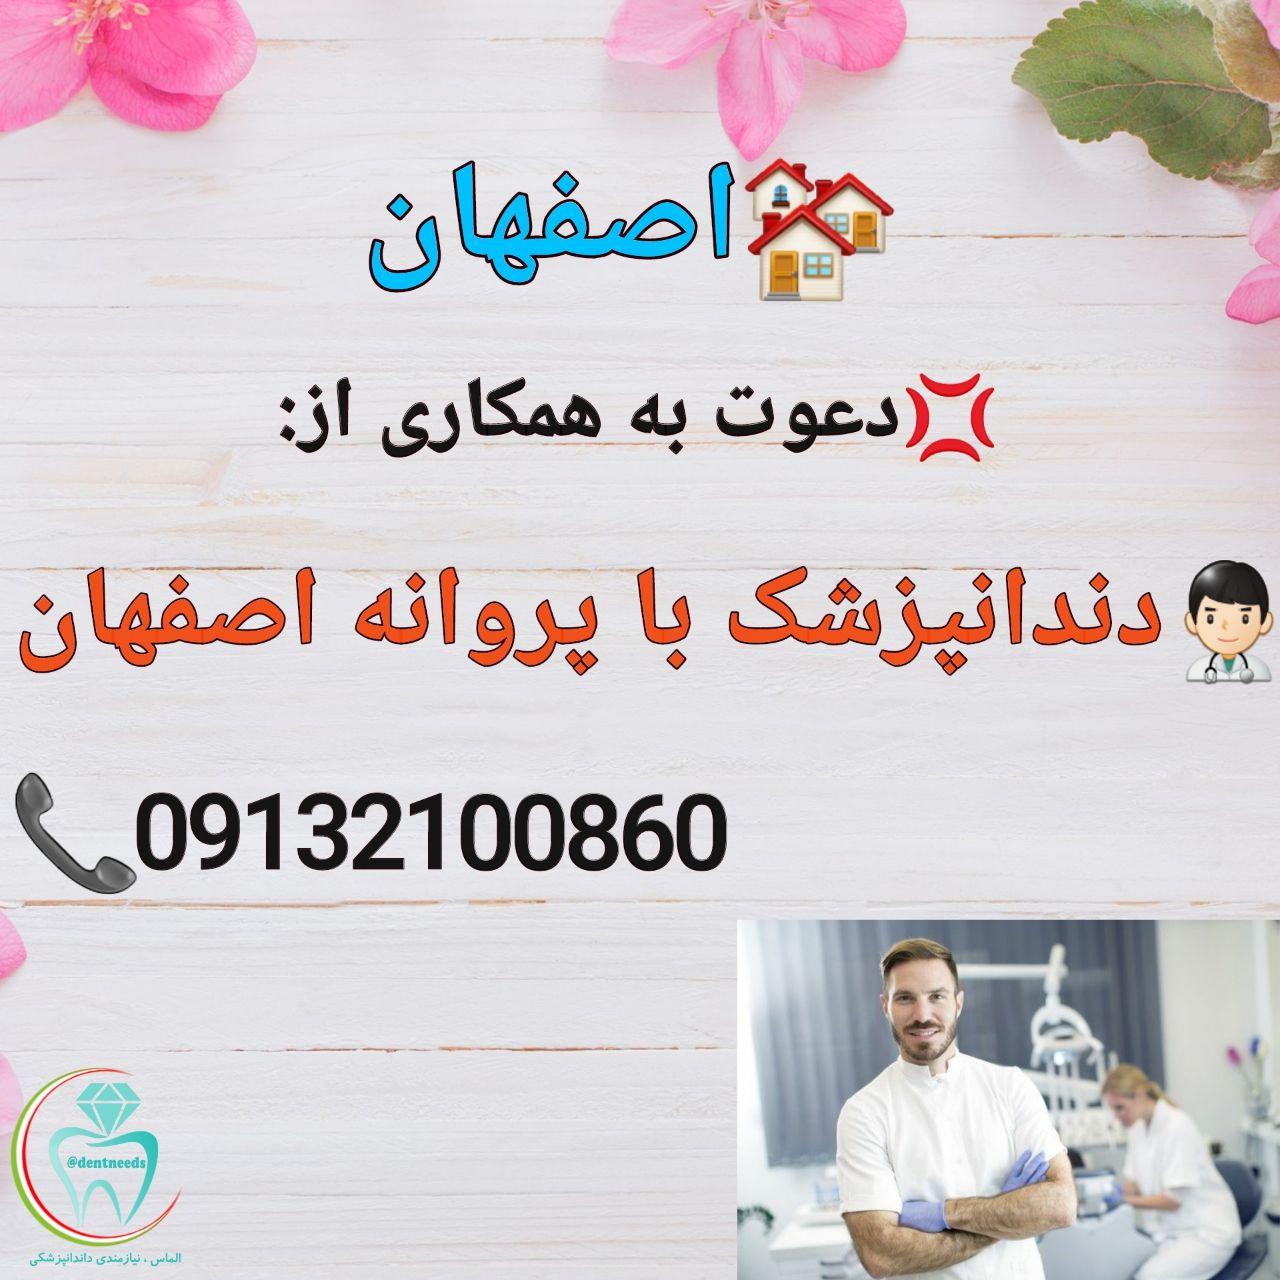 اصفهان، نیاز به دندانپزشک با پروانه اصفهان